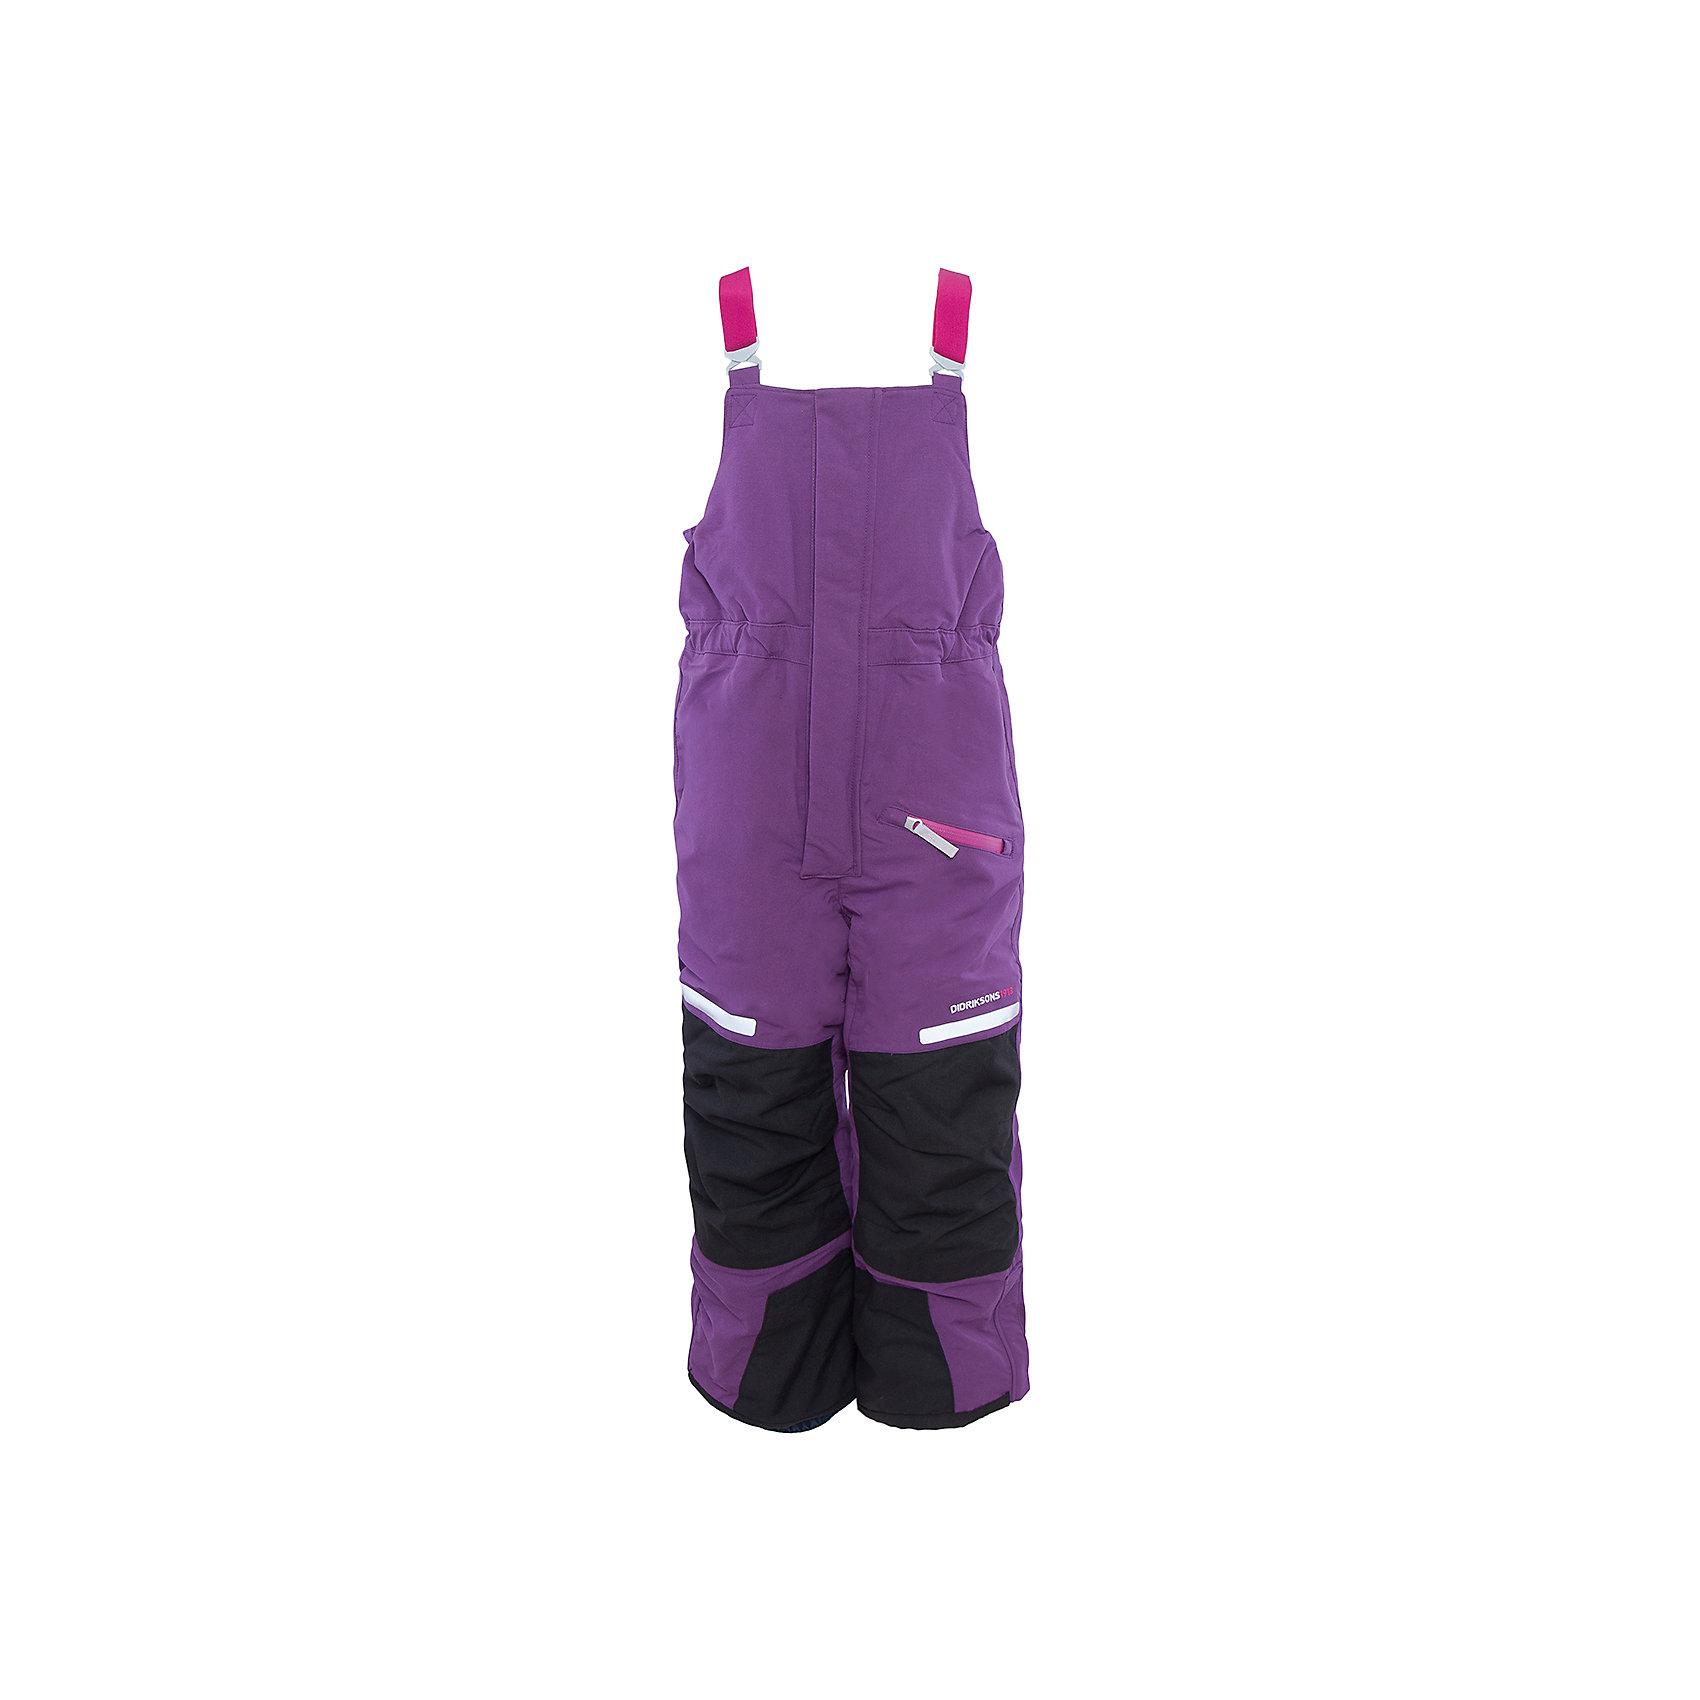 Брюки Sellat для девочки DIDRIKSONSХарактеристики товара:<br><br>• цвет: розовый<br>• материал: 100% полиамид, подкладка 100% полиэстер<br>• утеплитель: 120 г/м<br>• сезон: зима<br>• температурный режим от +5 до -20С<br>• непромокаемая и непродуваемая мембранная ткань<br>• резинки для ботинок<br>• дополнительная пропитка верха<br>• прокленные швы<br>• талия и низ штанин регулируется<br>• внутренние гетры<br>• ширинка на молнии<br>• фиксированные лямки<br>• светоотражающие детали<br>• можно увеличить длину штанин на один размер <br>• страна бренда: Швеция<br>• страна производства: Китай<br><br>Такие брюки незаменимы в холодную и сырую погоду! Это не только стильно, но еще и очень комфортно, а также тепло. Они обеспечат ребенку удобство при прогулках и активном отдыхе зимой. Брюки от шведского производителя легко трансформируются под рост ребенка и погодные условия.<br>Модель сшита из мембранной ткани, которая позволяет телу дышать, но при этом не промокает и не продувается. Очень стильная и удобная модель! Изделие качественно выполнено, сделано из безопасных для детей материалов. <br><br>Брюки для девочки от бренда DIDRIKSONS можно купить в нашем интернет-магазине.<br><br>Ширина мм: 215<br>Глубина мм: 88<br>Высота мм: 191<br>Вес г: 336<br>Цвет: розовый<br>Возраст от месяцев: 12<br>Возраст до месяцев: 15<br>Пол: Женский<br>Возраст: Детский<br>Размер: 80,120,90<br>SKU: 5043886